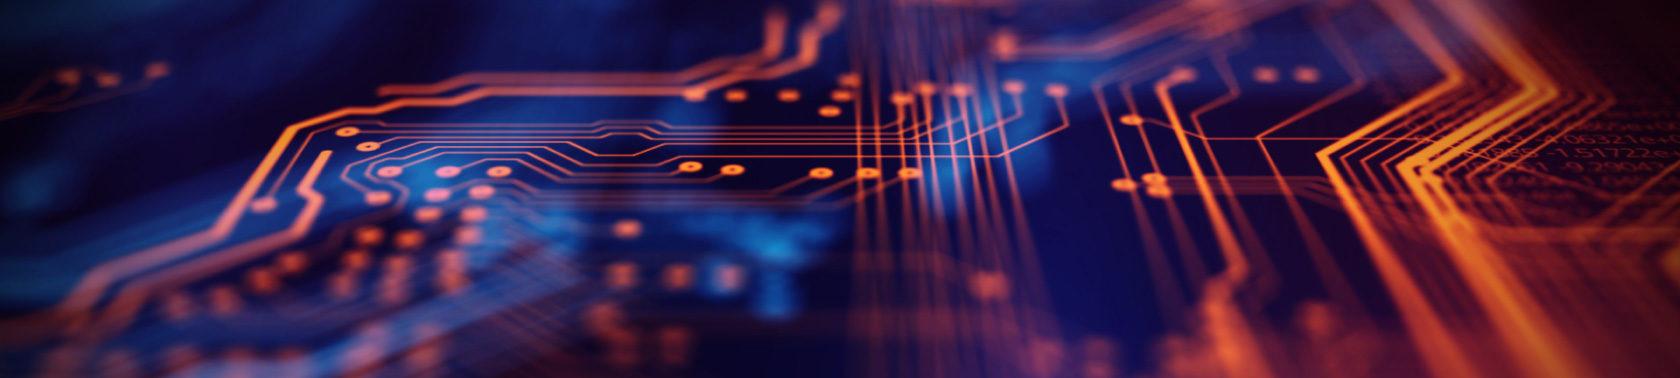 Blog banner image; processor